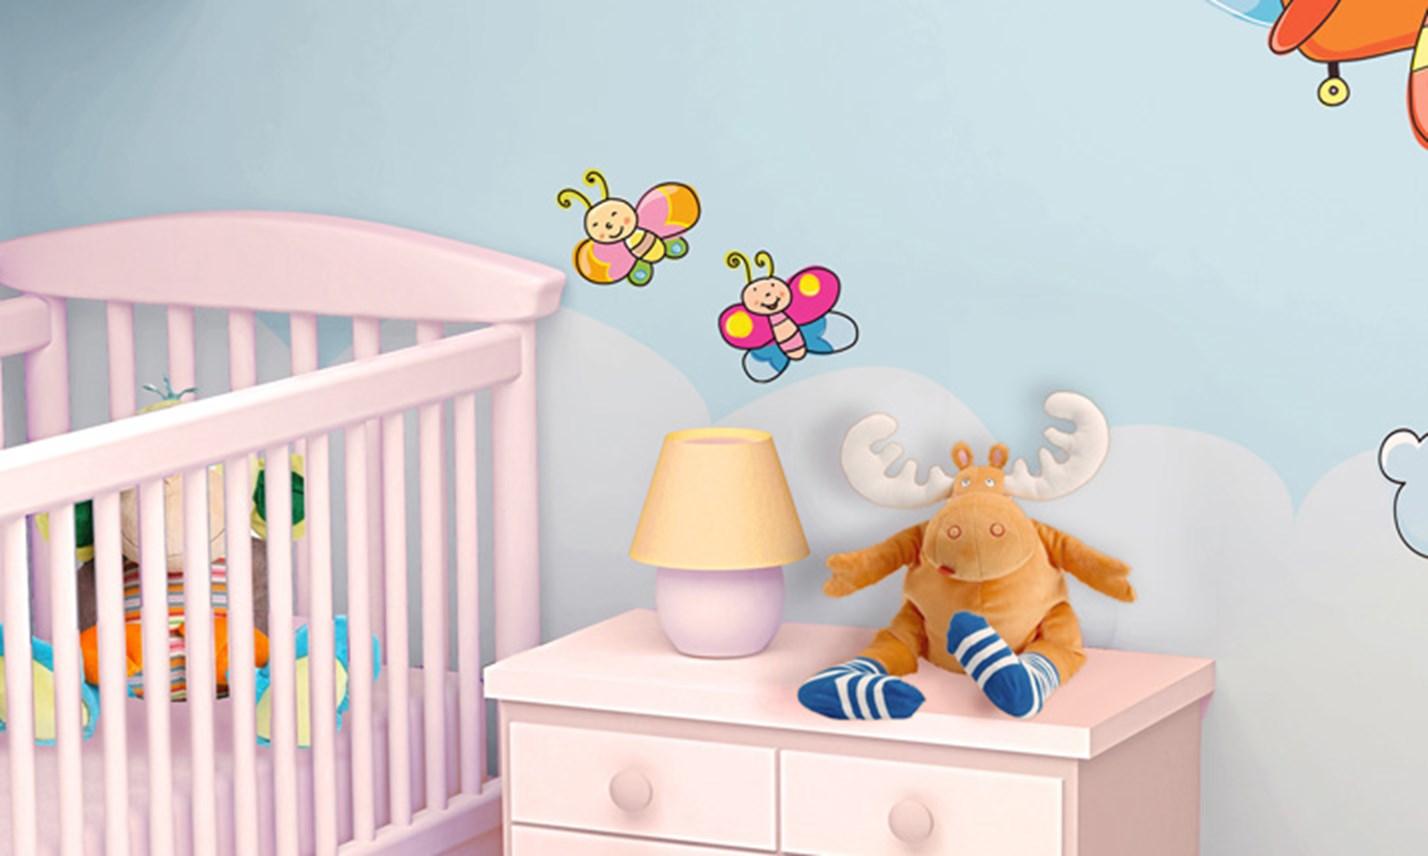 Stencil cameretta neonato adesivi per armadi bambini - Decorazioni camerette bambini immagini ...